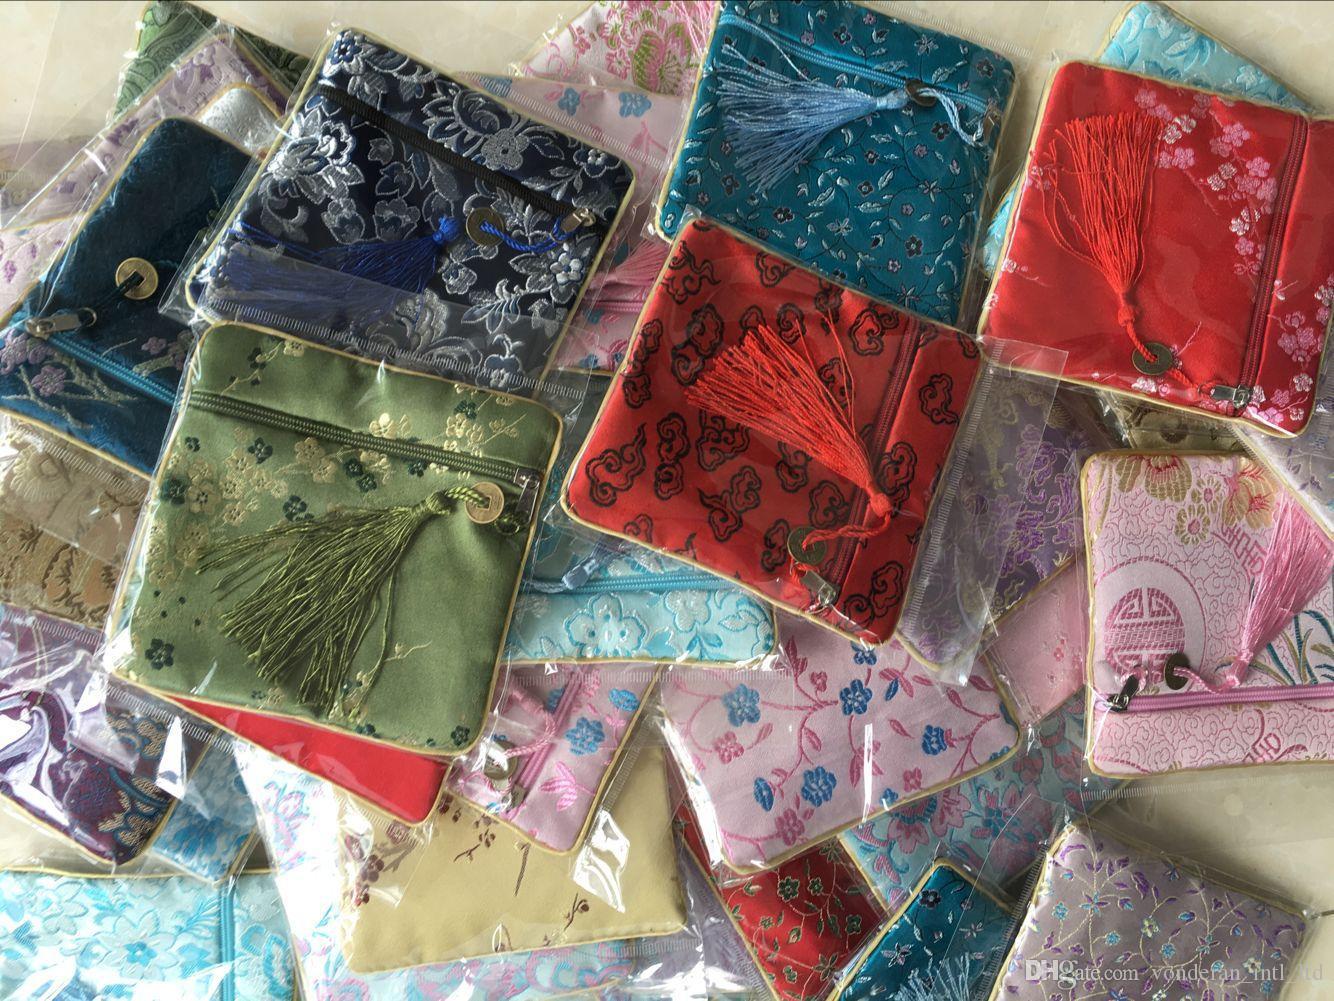 الحرير الخرز محفظة صغيرة أكياس النمط الصيني أكياس الحقيبة الصغيرة مجوهرات كوين أكياس